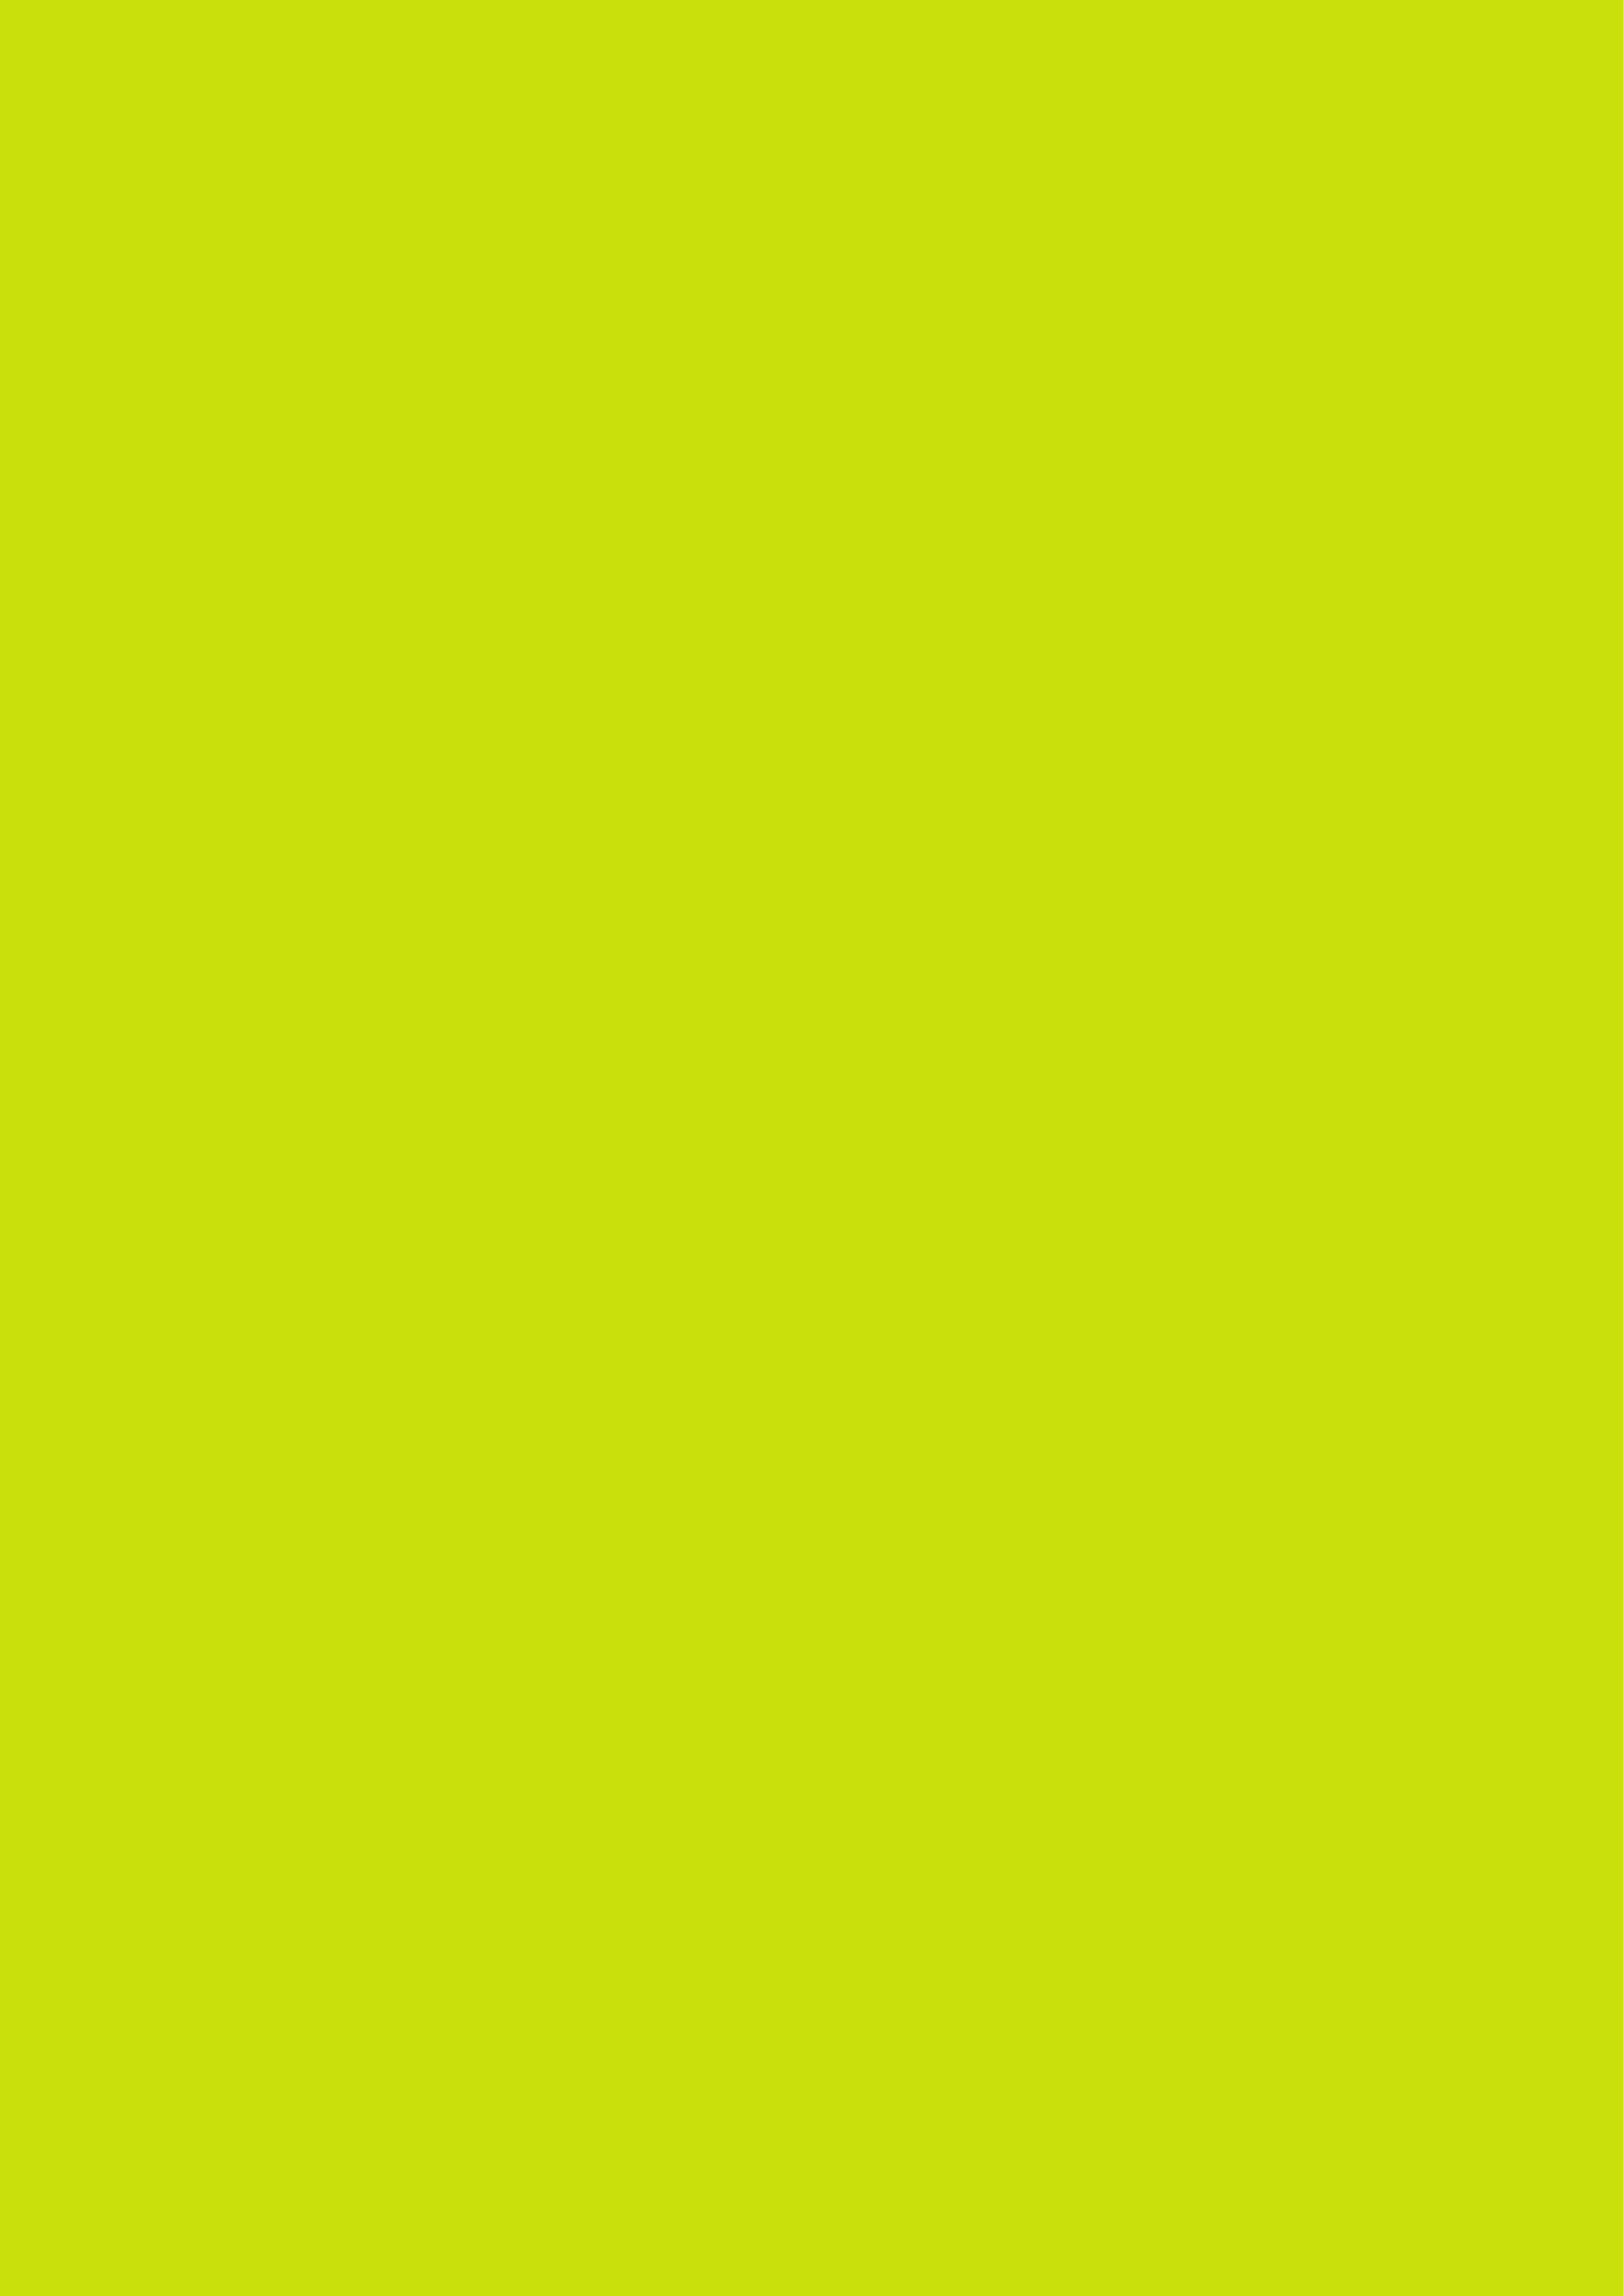 2480x3508 Bitter Lemon Solid Color Background